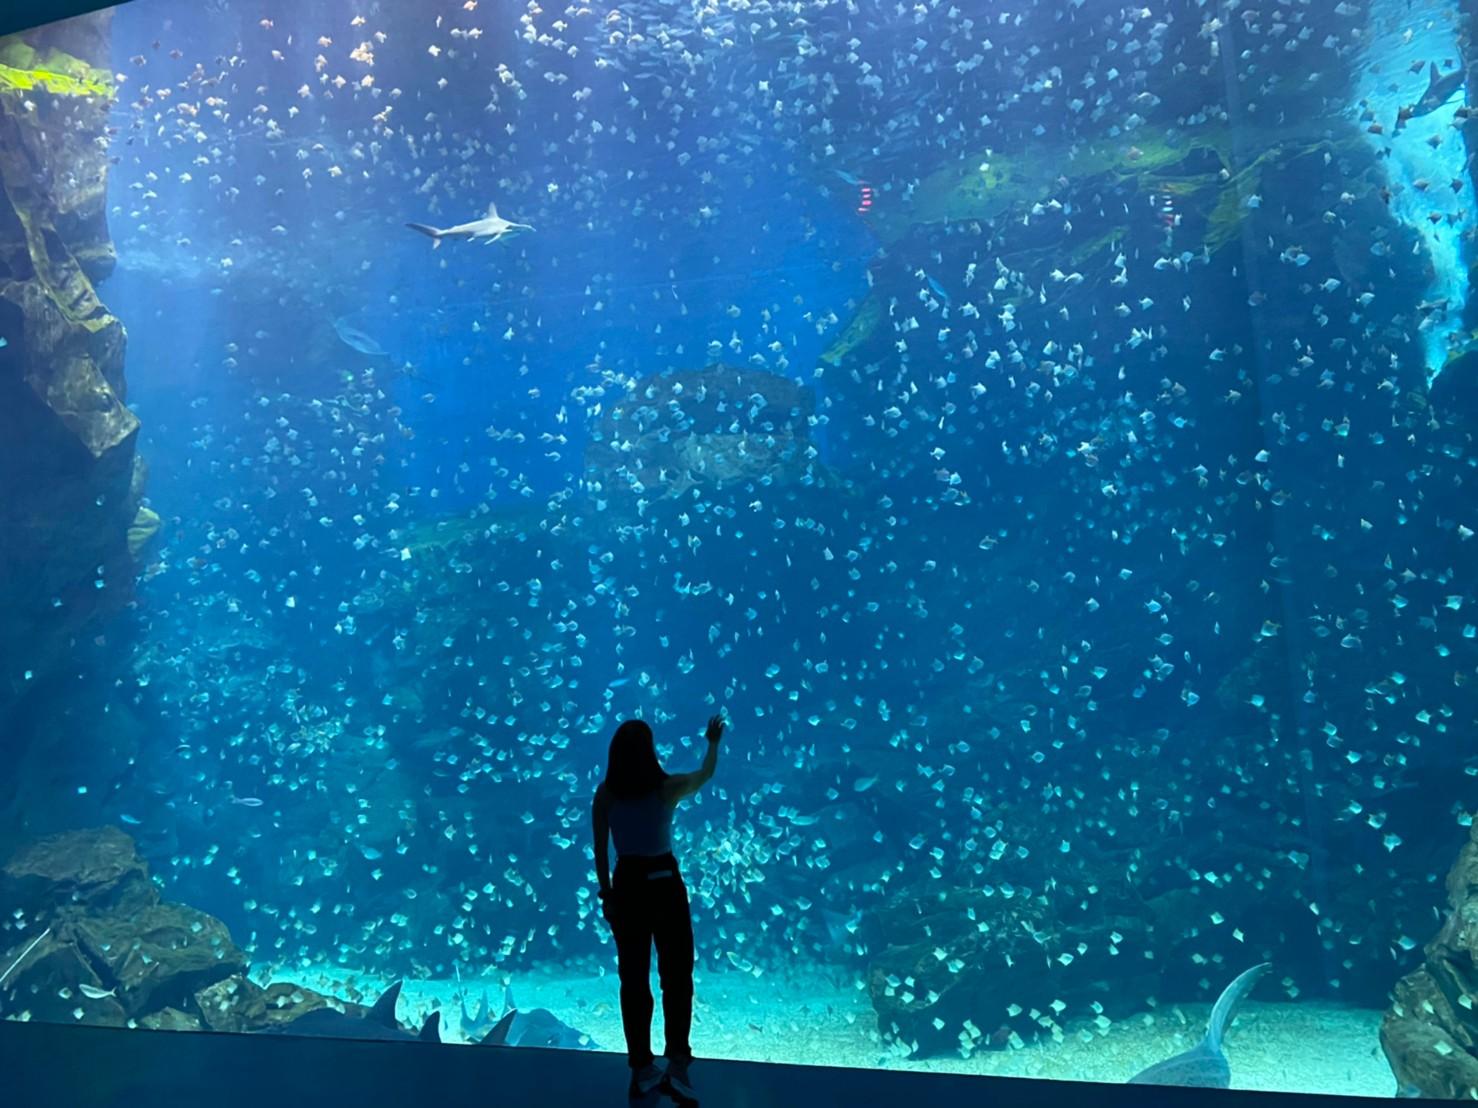 【桃園水族館 Xpark 懶人包】展區、票價&購票、營業時間、和逸飯店介紹